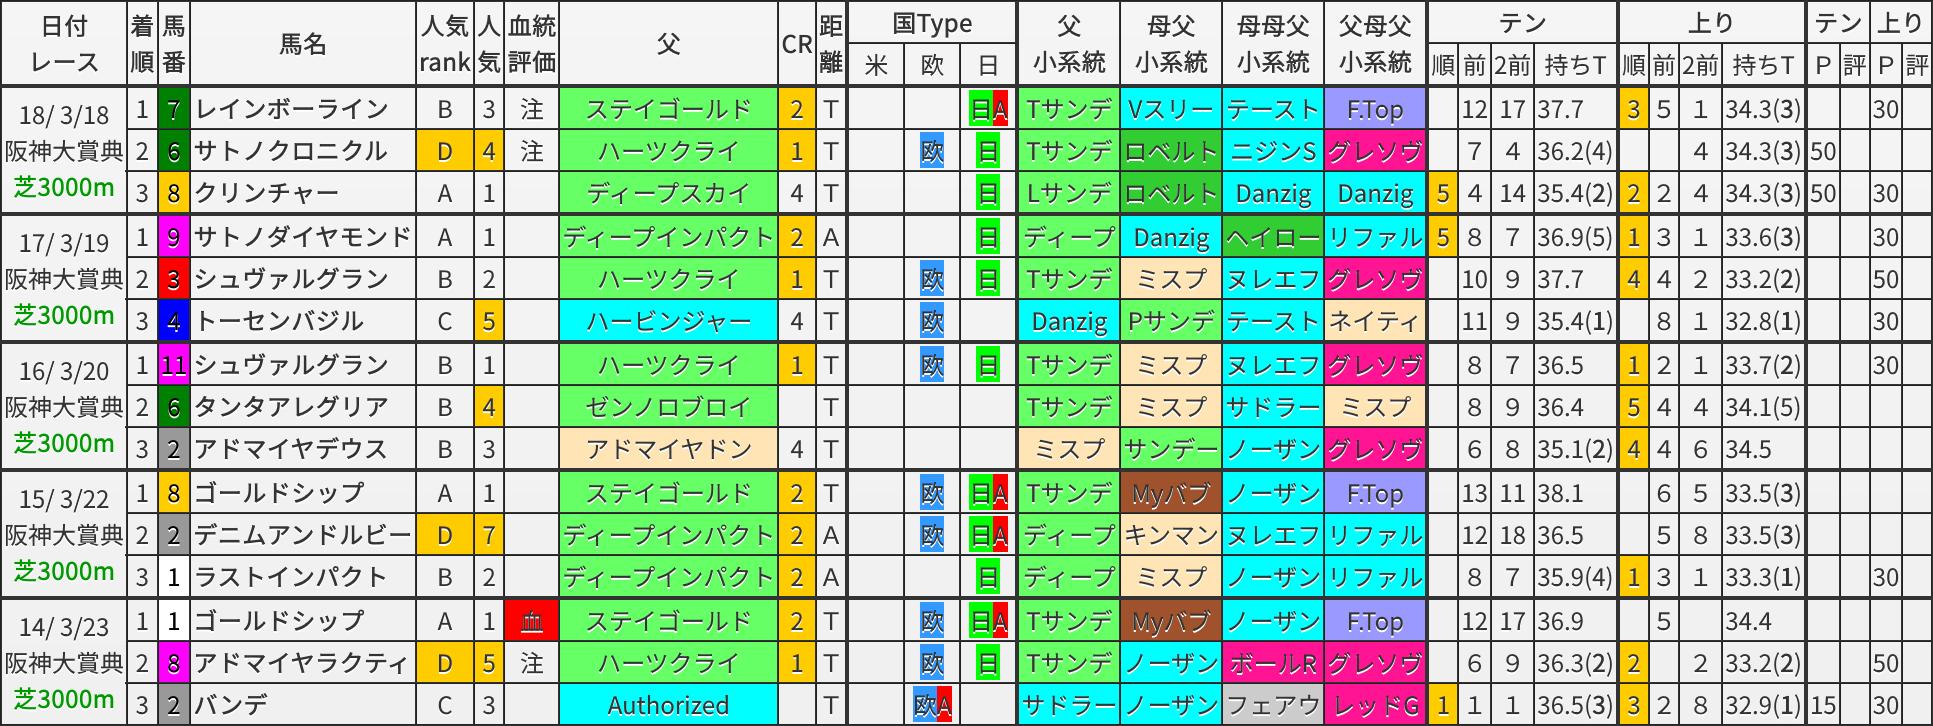 阪神大賞典 過去5年ブラッドバイアス